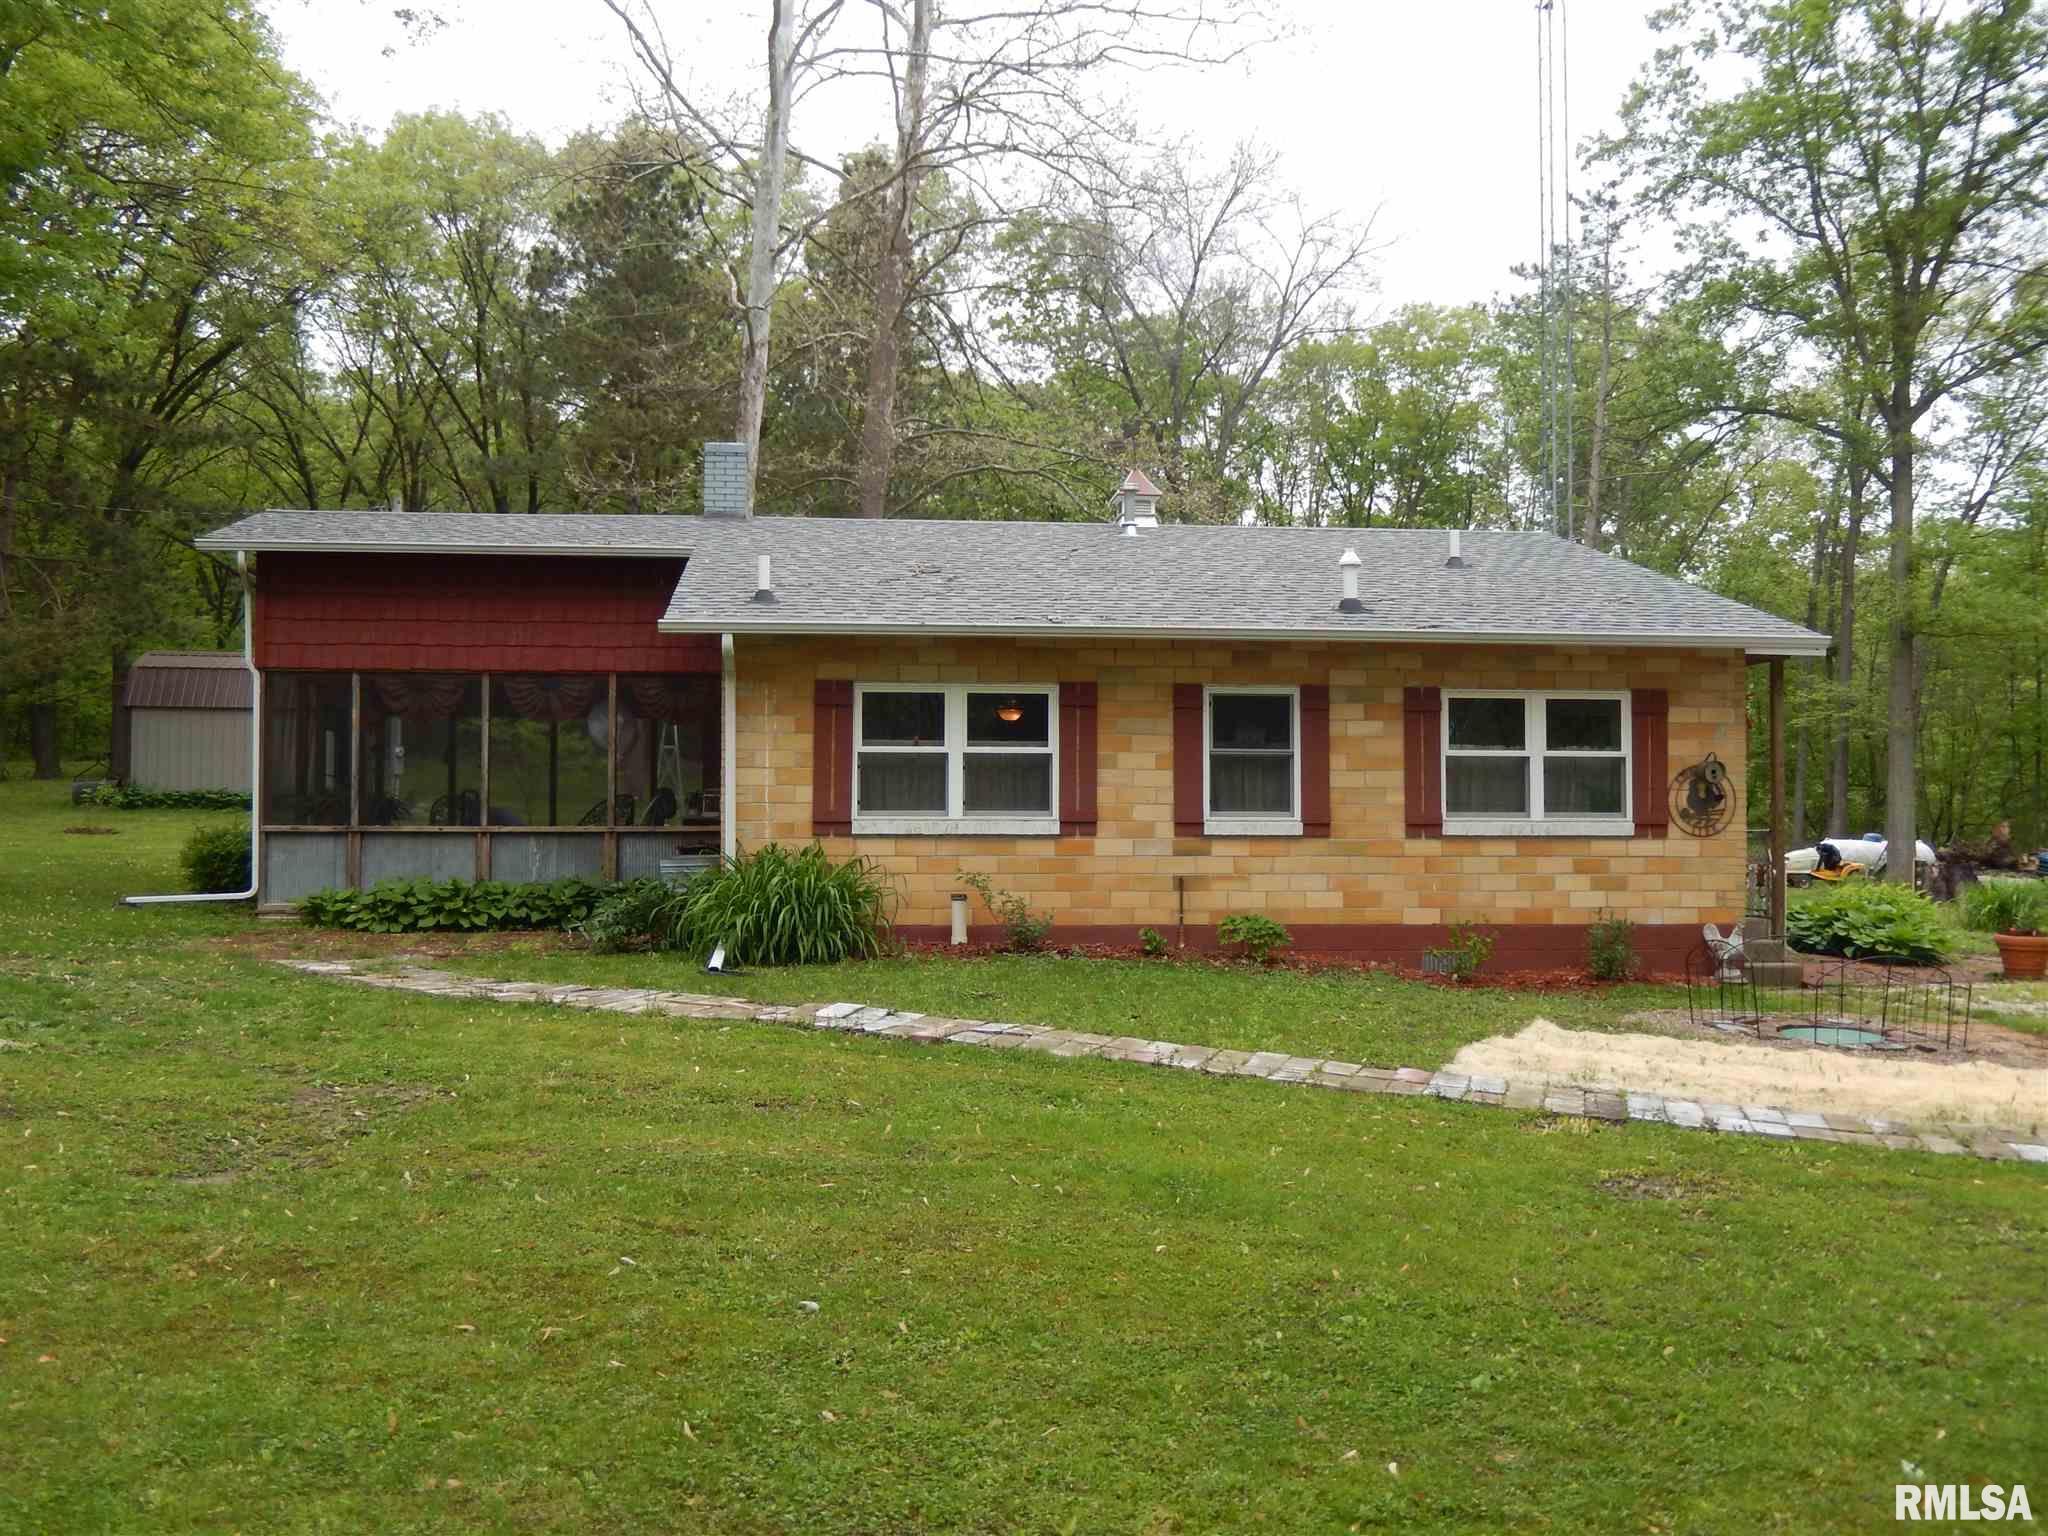 480 COMANCHE Property Photo - Colchester, IL real estate listing